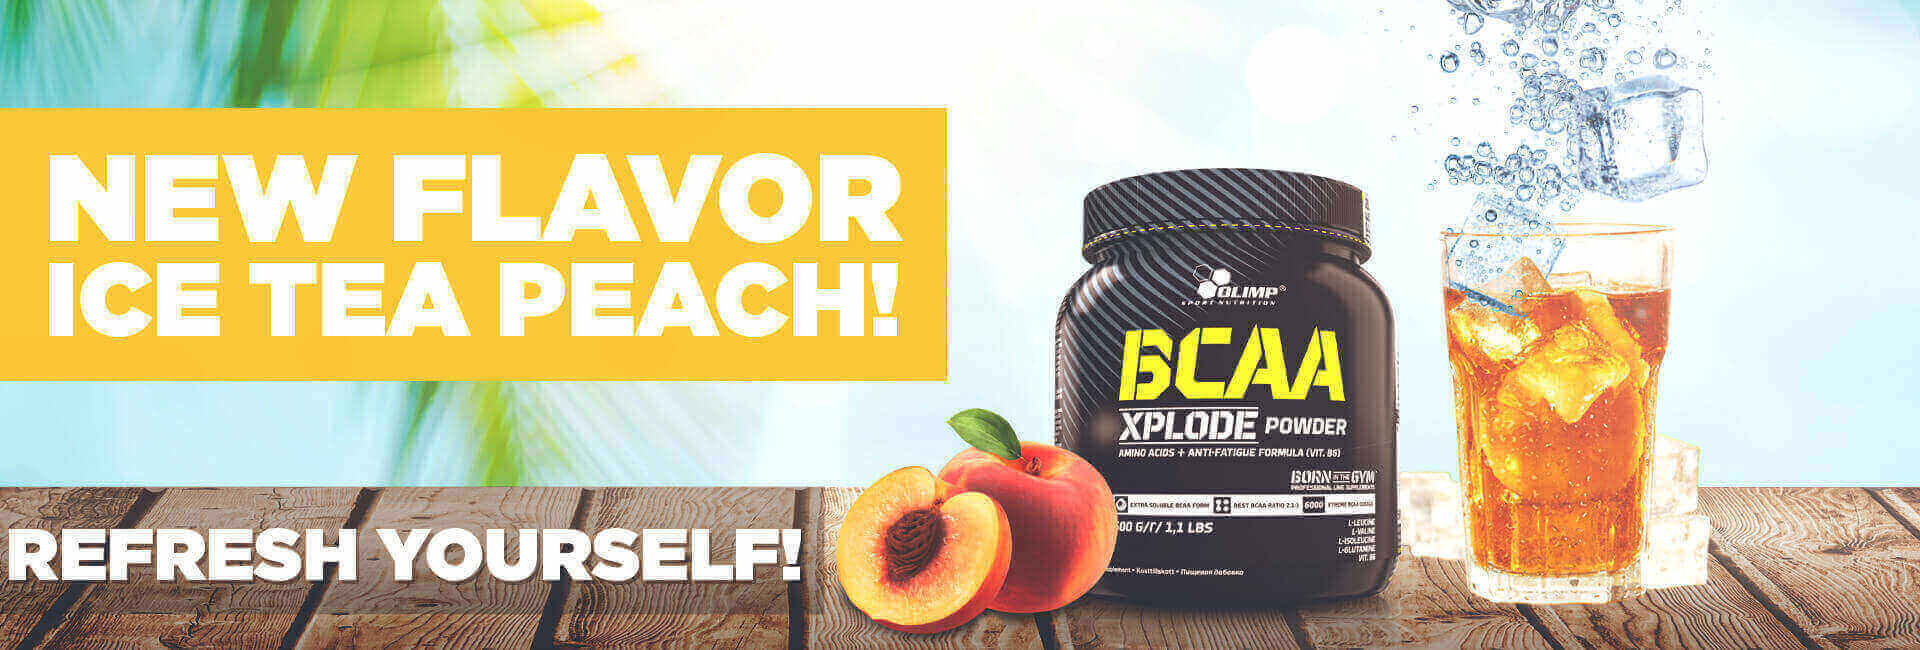 BCAA XPLODE ICE TEA PEACH